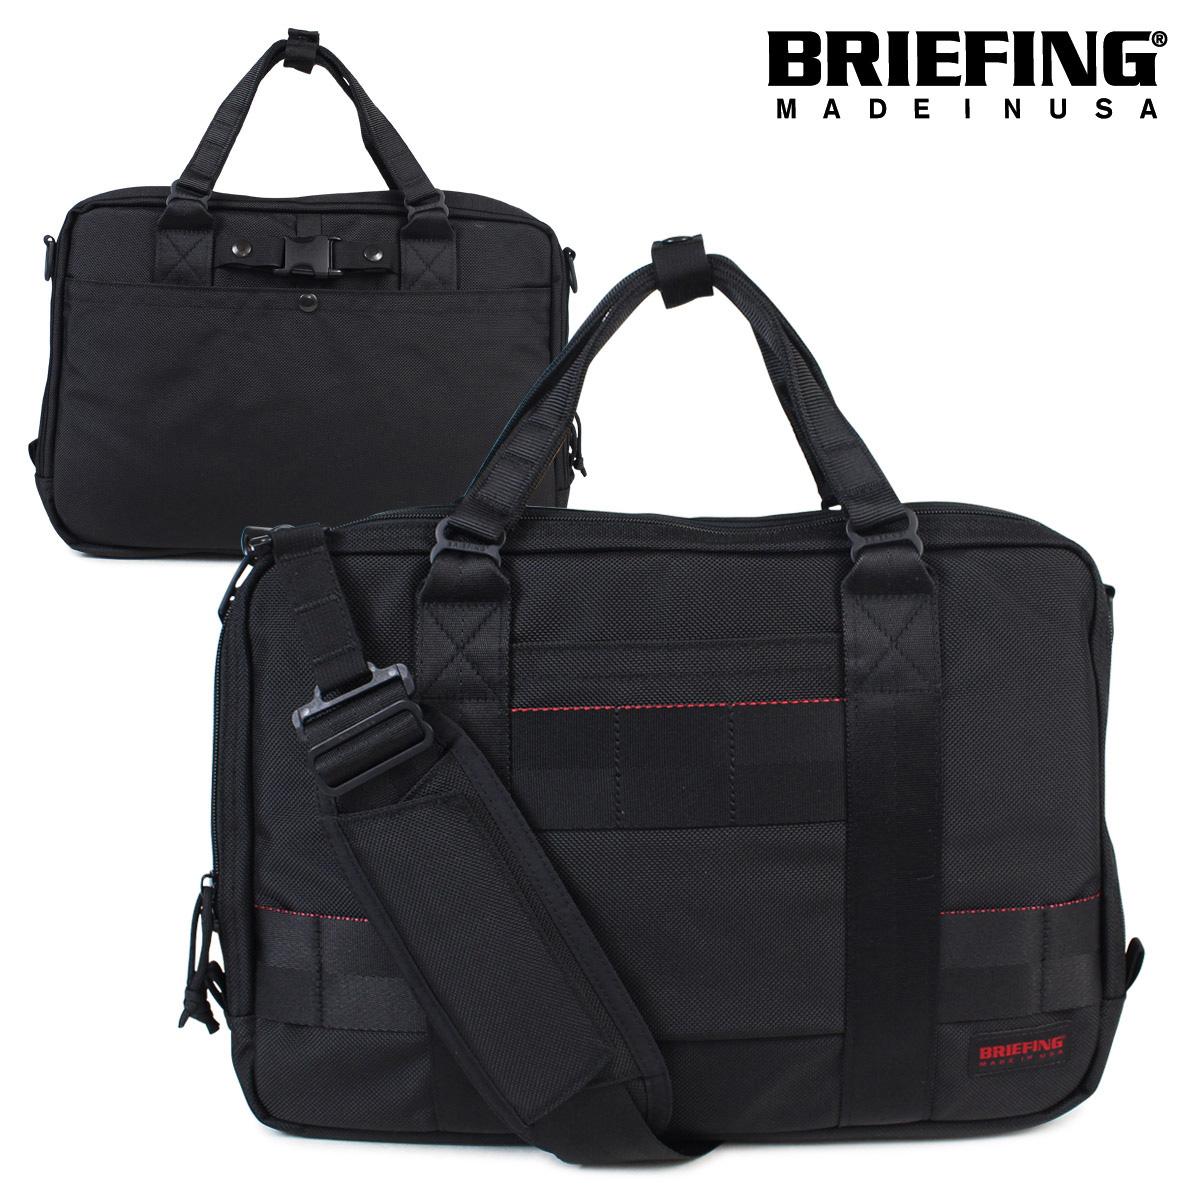 【最大2000円OFFクーポン】 ブリーフィング BRIEFING バッグ 3way ブリーフケース リュック ビジネスバッグ メンズ SSL LINER A4 ブラック BRF489219 [3/11 再入荷]